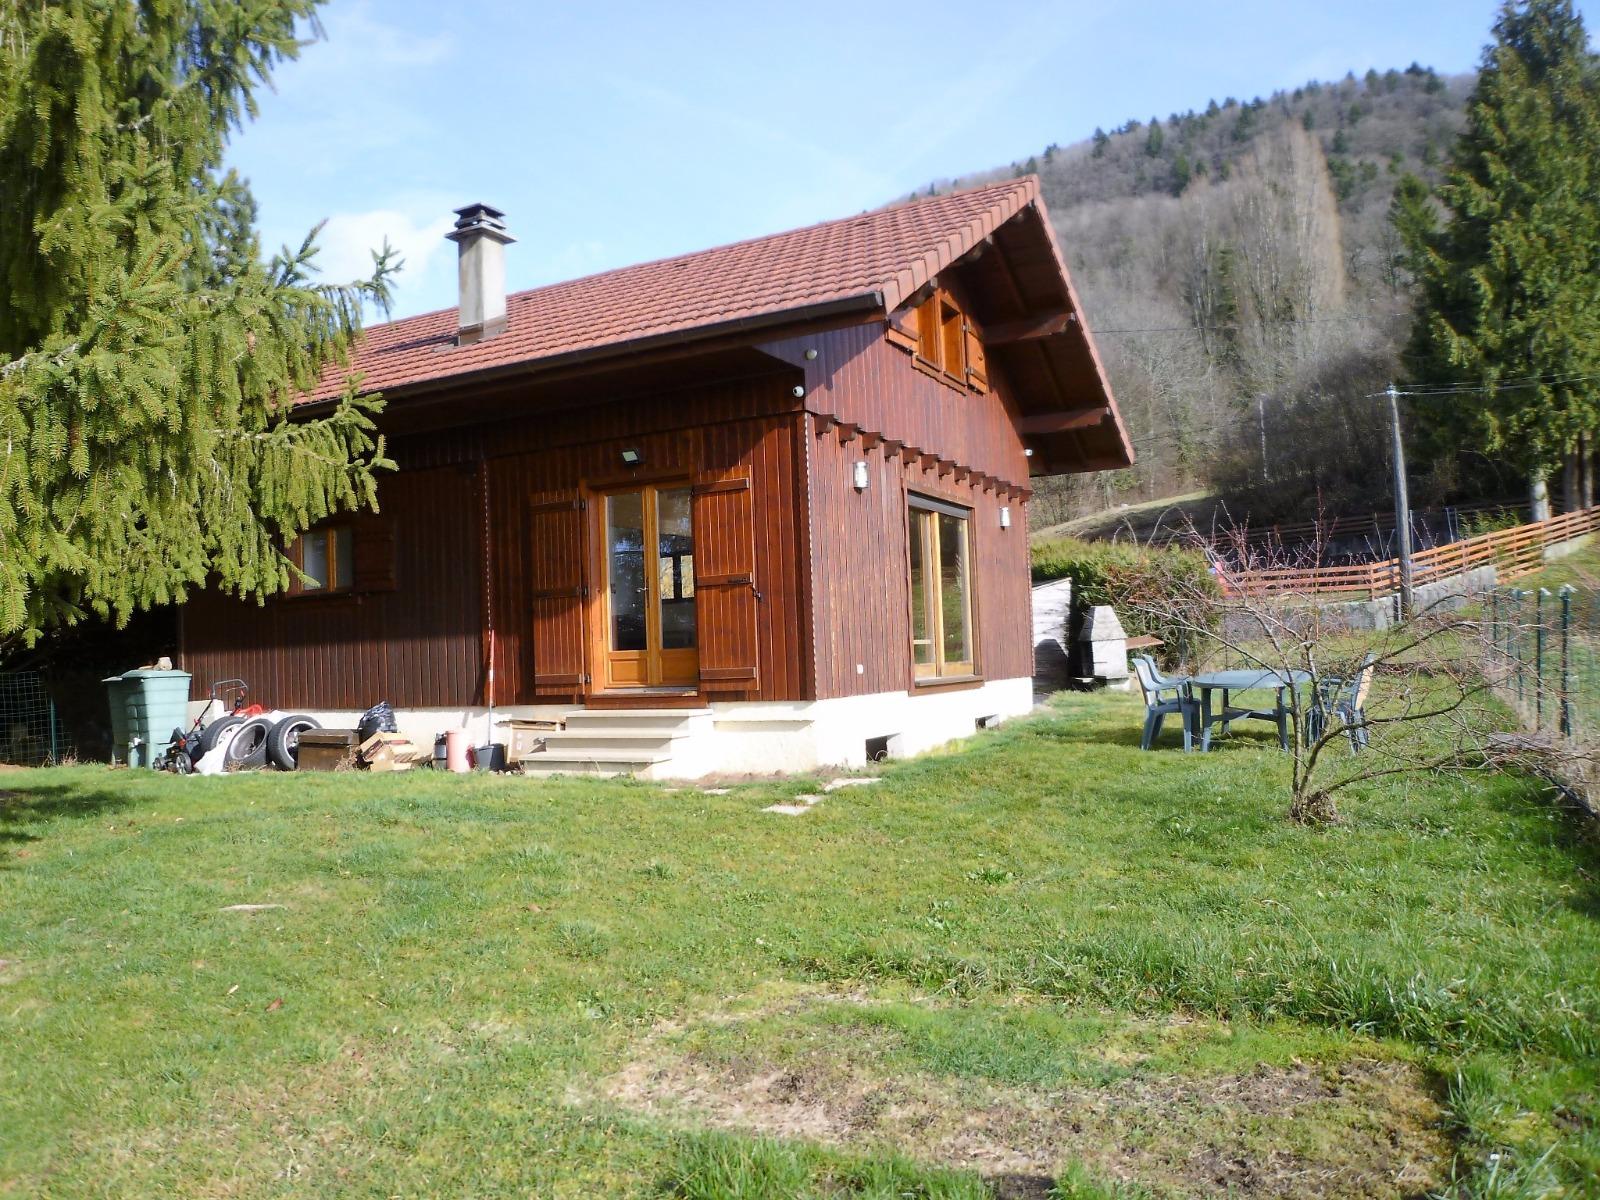 Chalet vendre saint cergues sur 600m de terrain mab immobilier - Chalet de jardin occasion a vendre ...